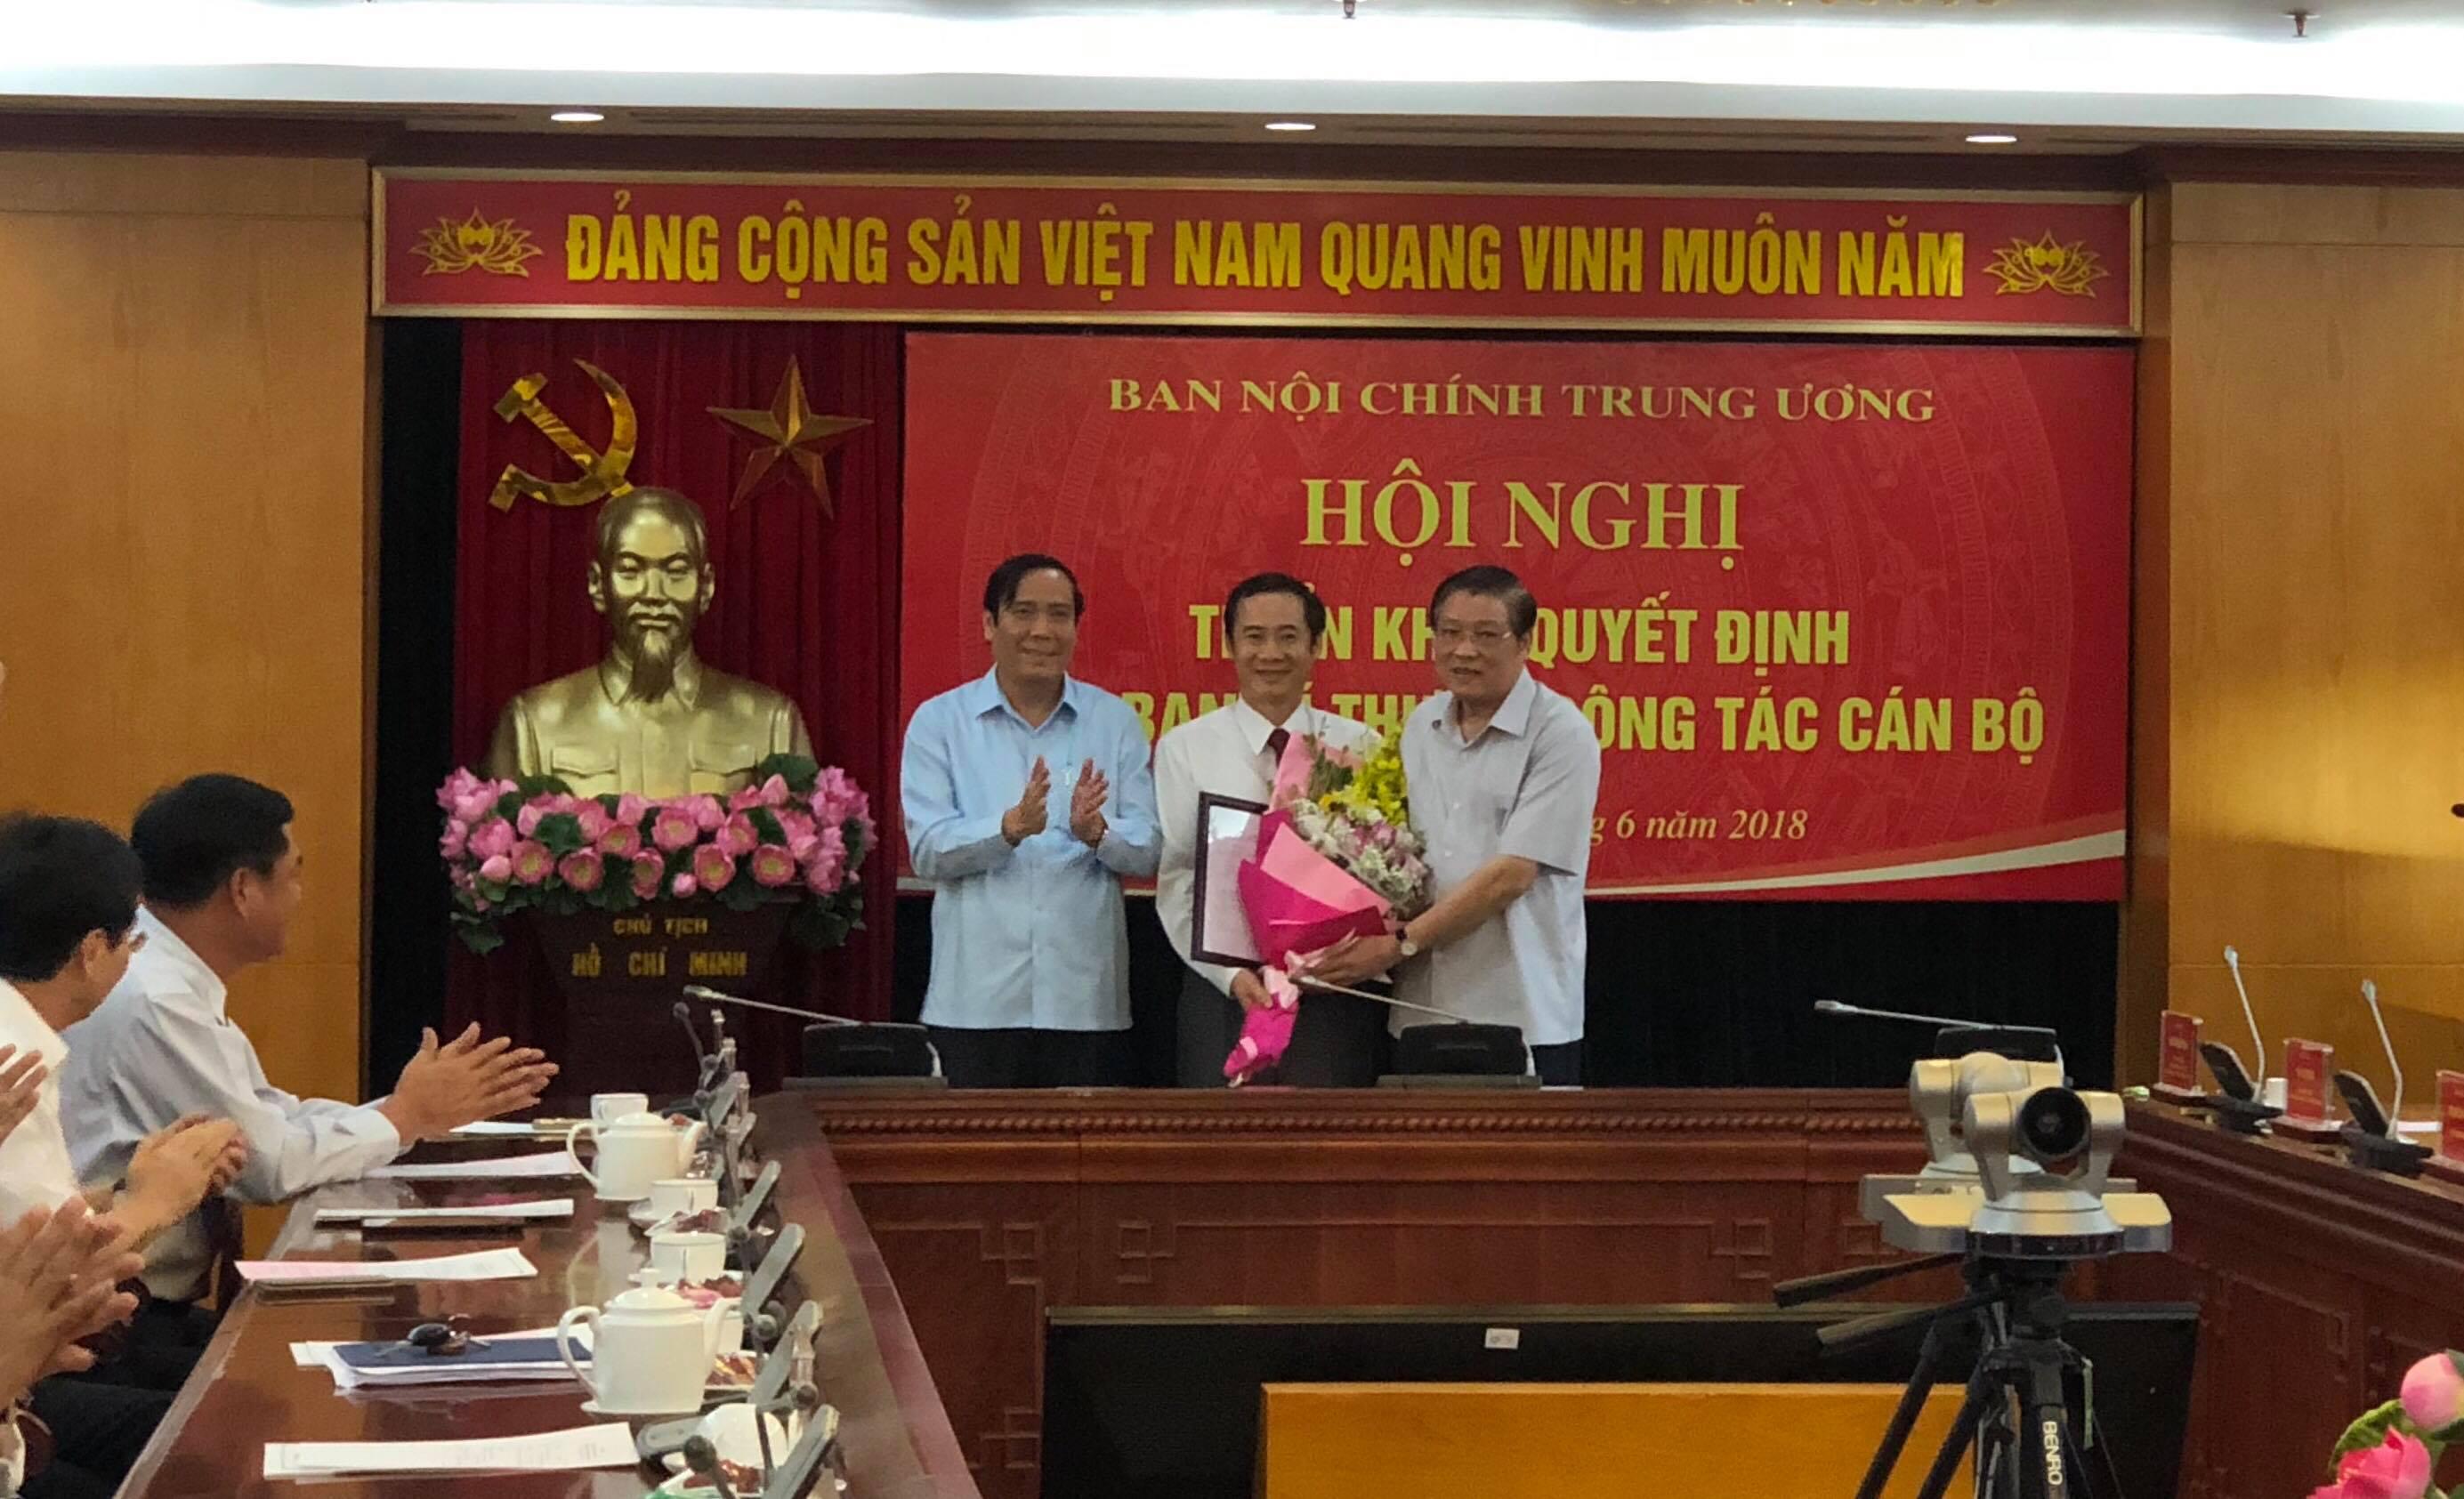 Bổ nhiệm đồng chí Nguyễn Thái Học giữ chức Phó Trưởng ban Nội chính Trung ương